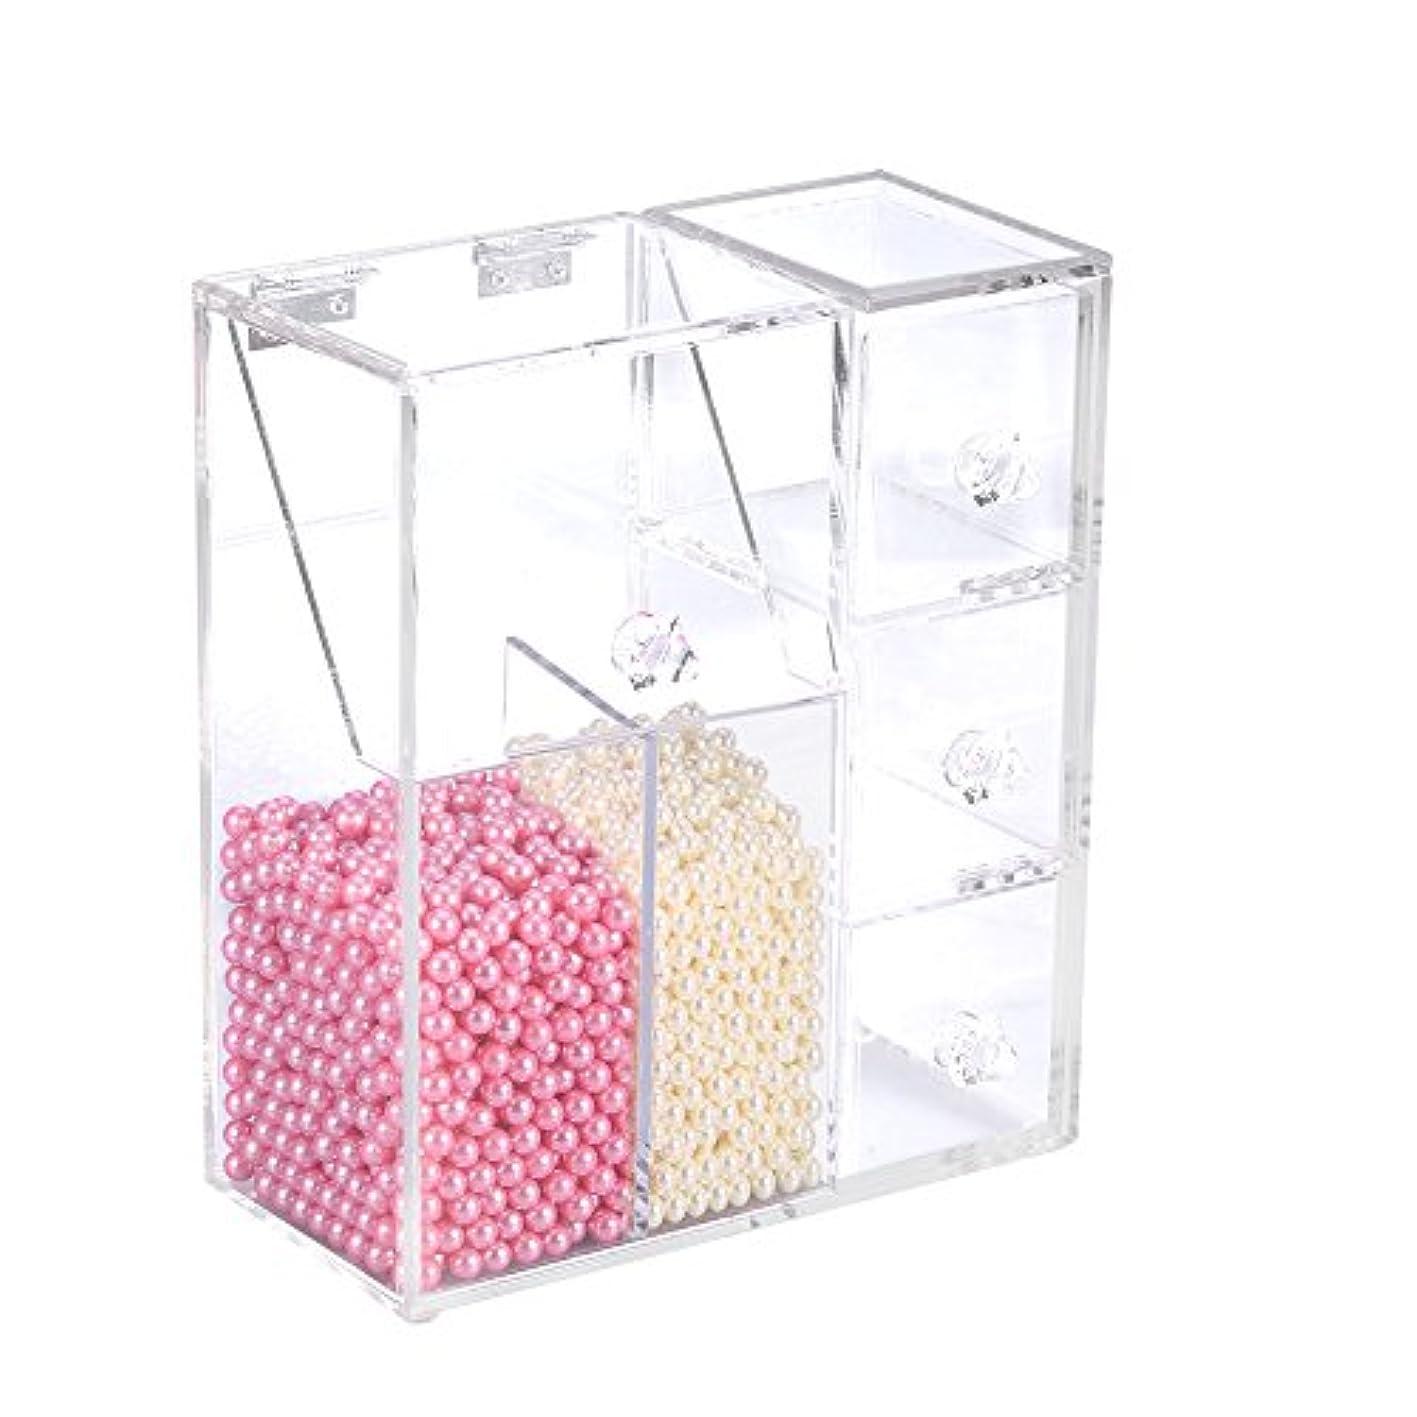 女優送金拮抗する透明な化粧品収納オーガナイザー、化粧品オーガナイザー化粧ブラシ収納容器ケース、2つのブラシホルダー付き